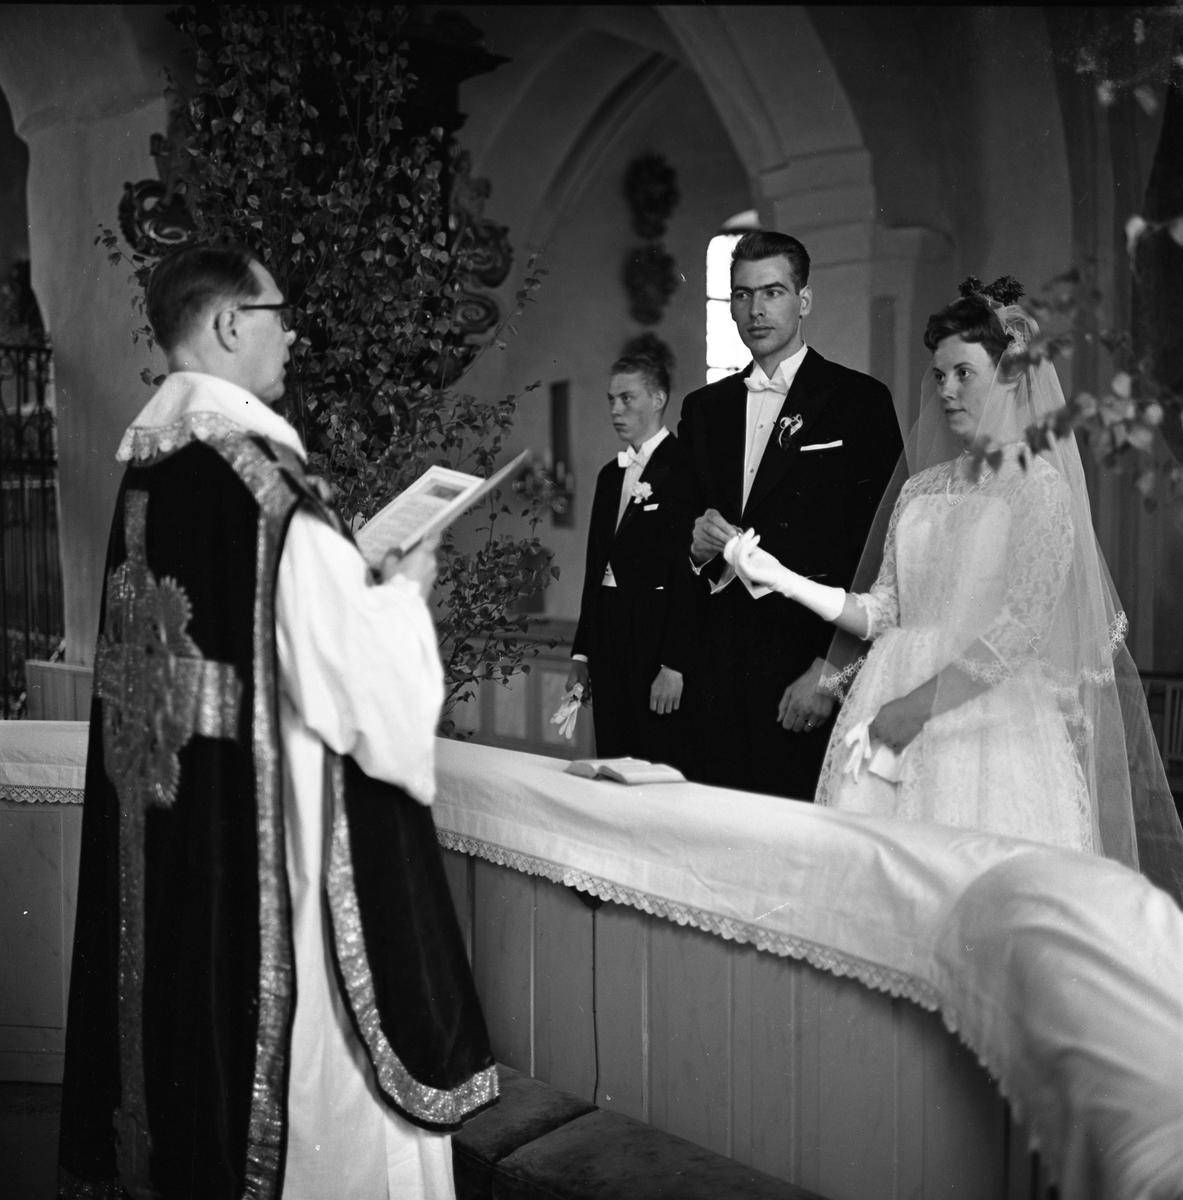 Ernst Hansson förrättar vigsel i Säterbo kyrka. Herr Olsson och fröken Tallqvist avlägger sina löften. Bruden har tagit av handsken på den hand där vigselringen ska vara. Kyrkan är dekorerad med björkar.